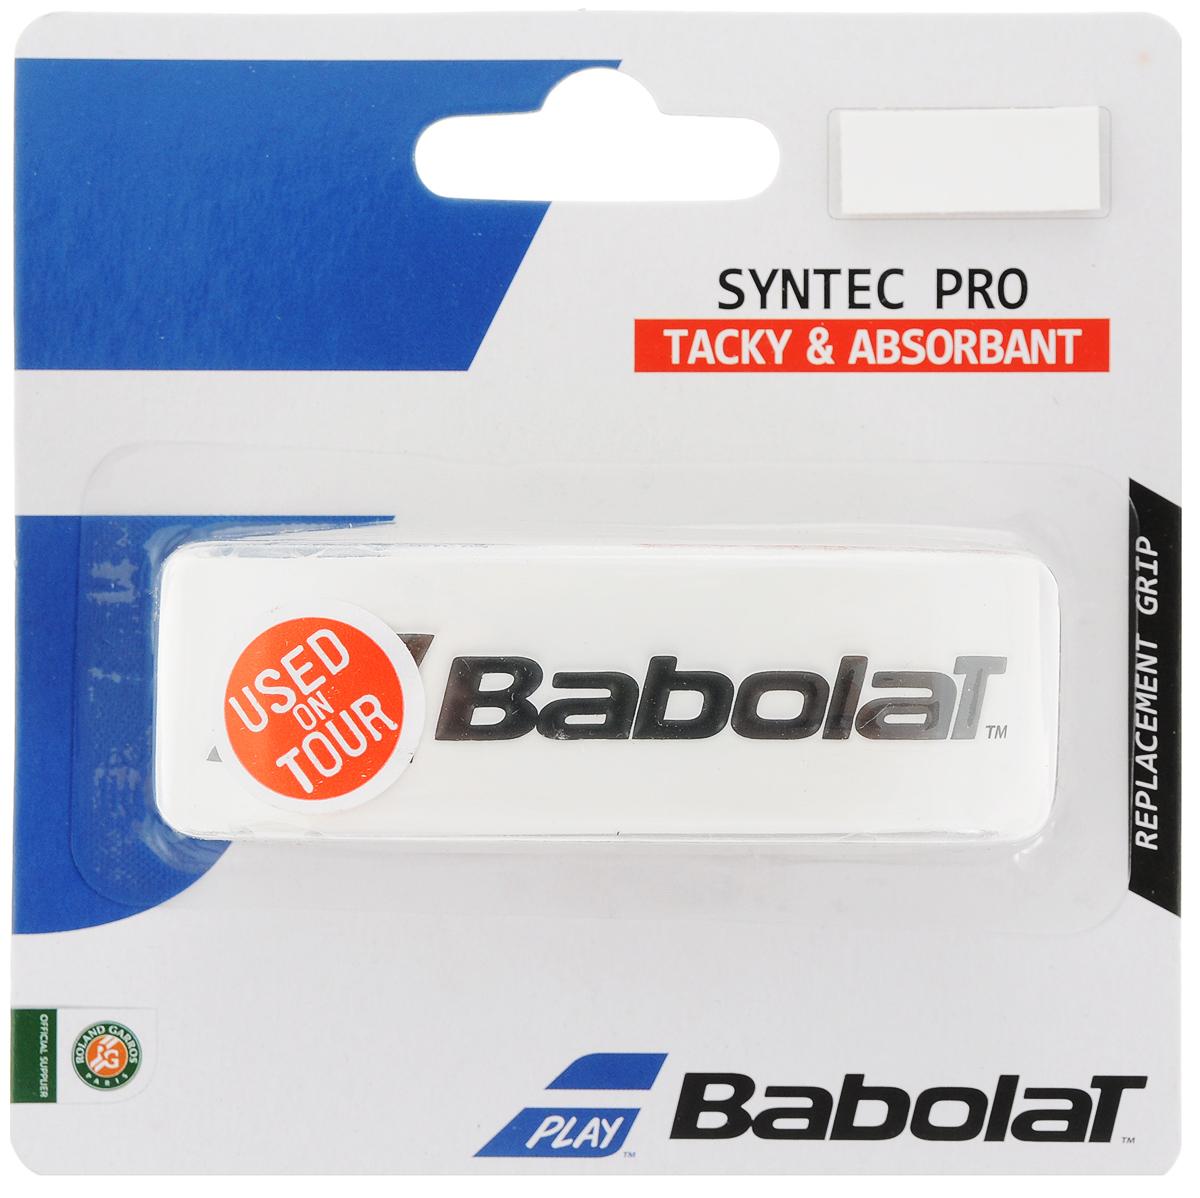 Замена ручки BABOLAT SYNTEC PRO Х 1 (Синтек грип), цвет: белый670051Syntec Pro теперь на 10% тоньше, что дает больше чувства мяча.Постоянно используется командой Babolat.В блистере 1 грип.